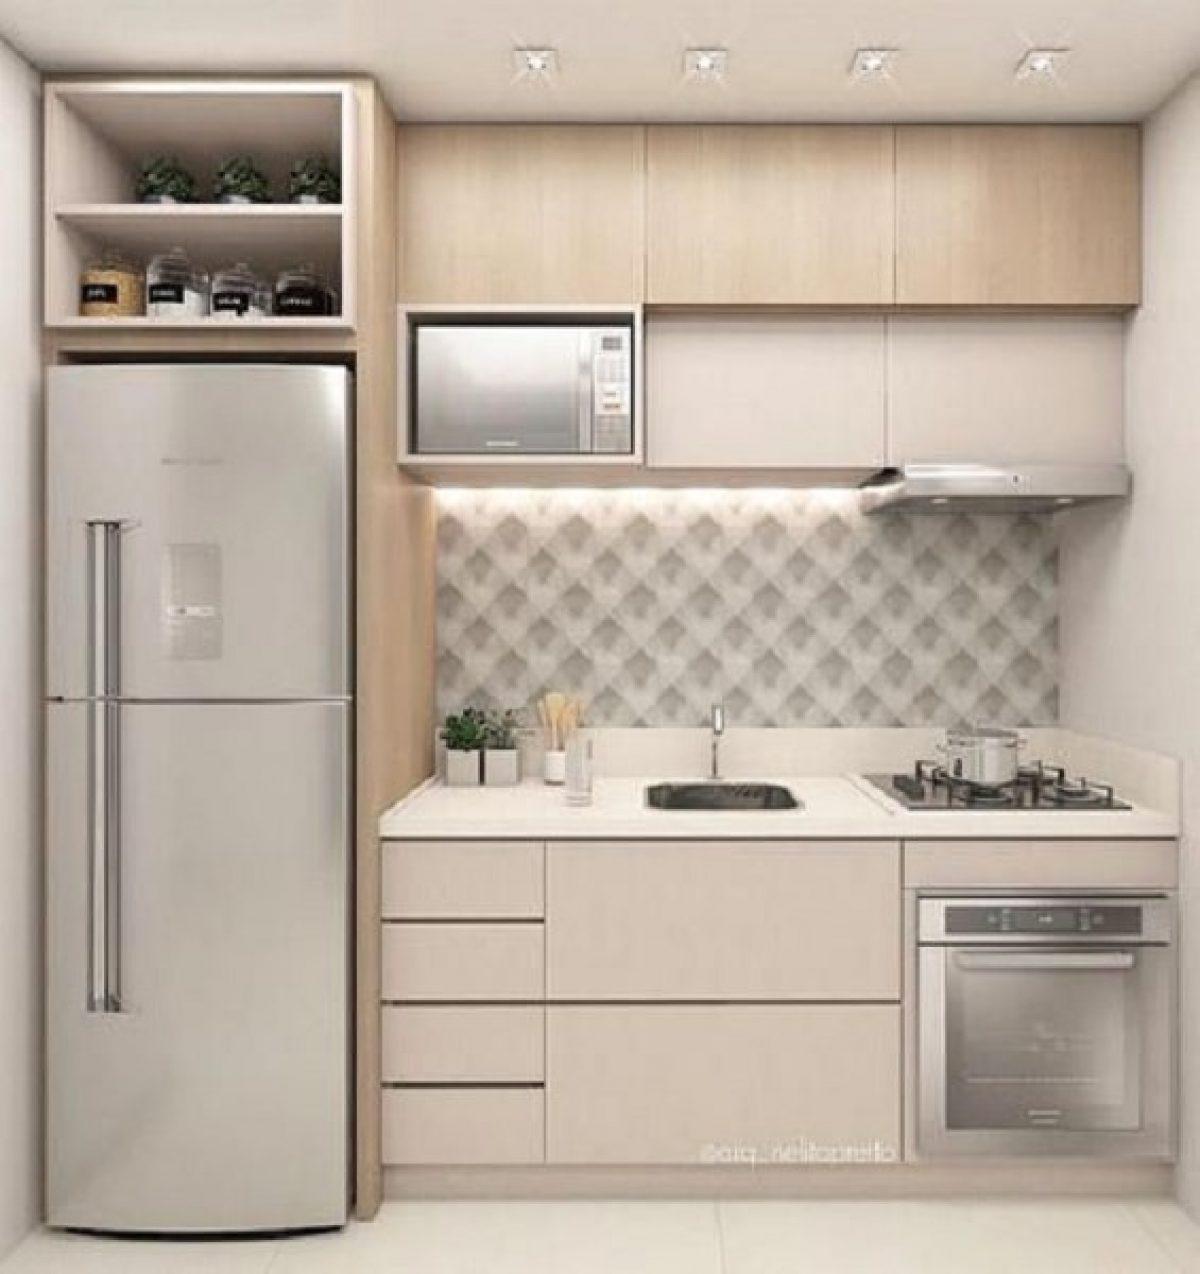 Desain Dapur Sederhana Miminalis, yang Nyaman dan Modern